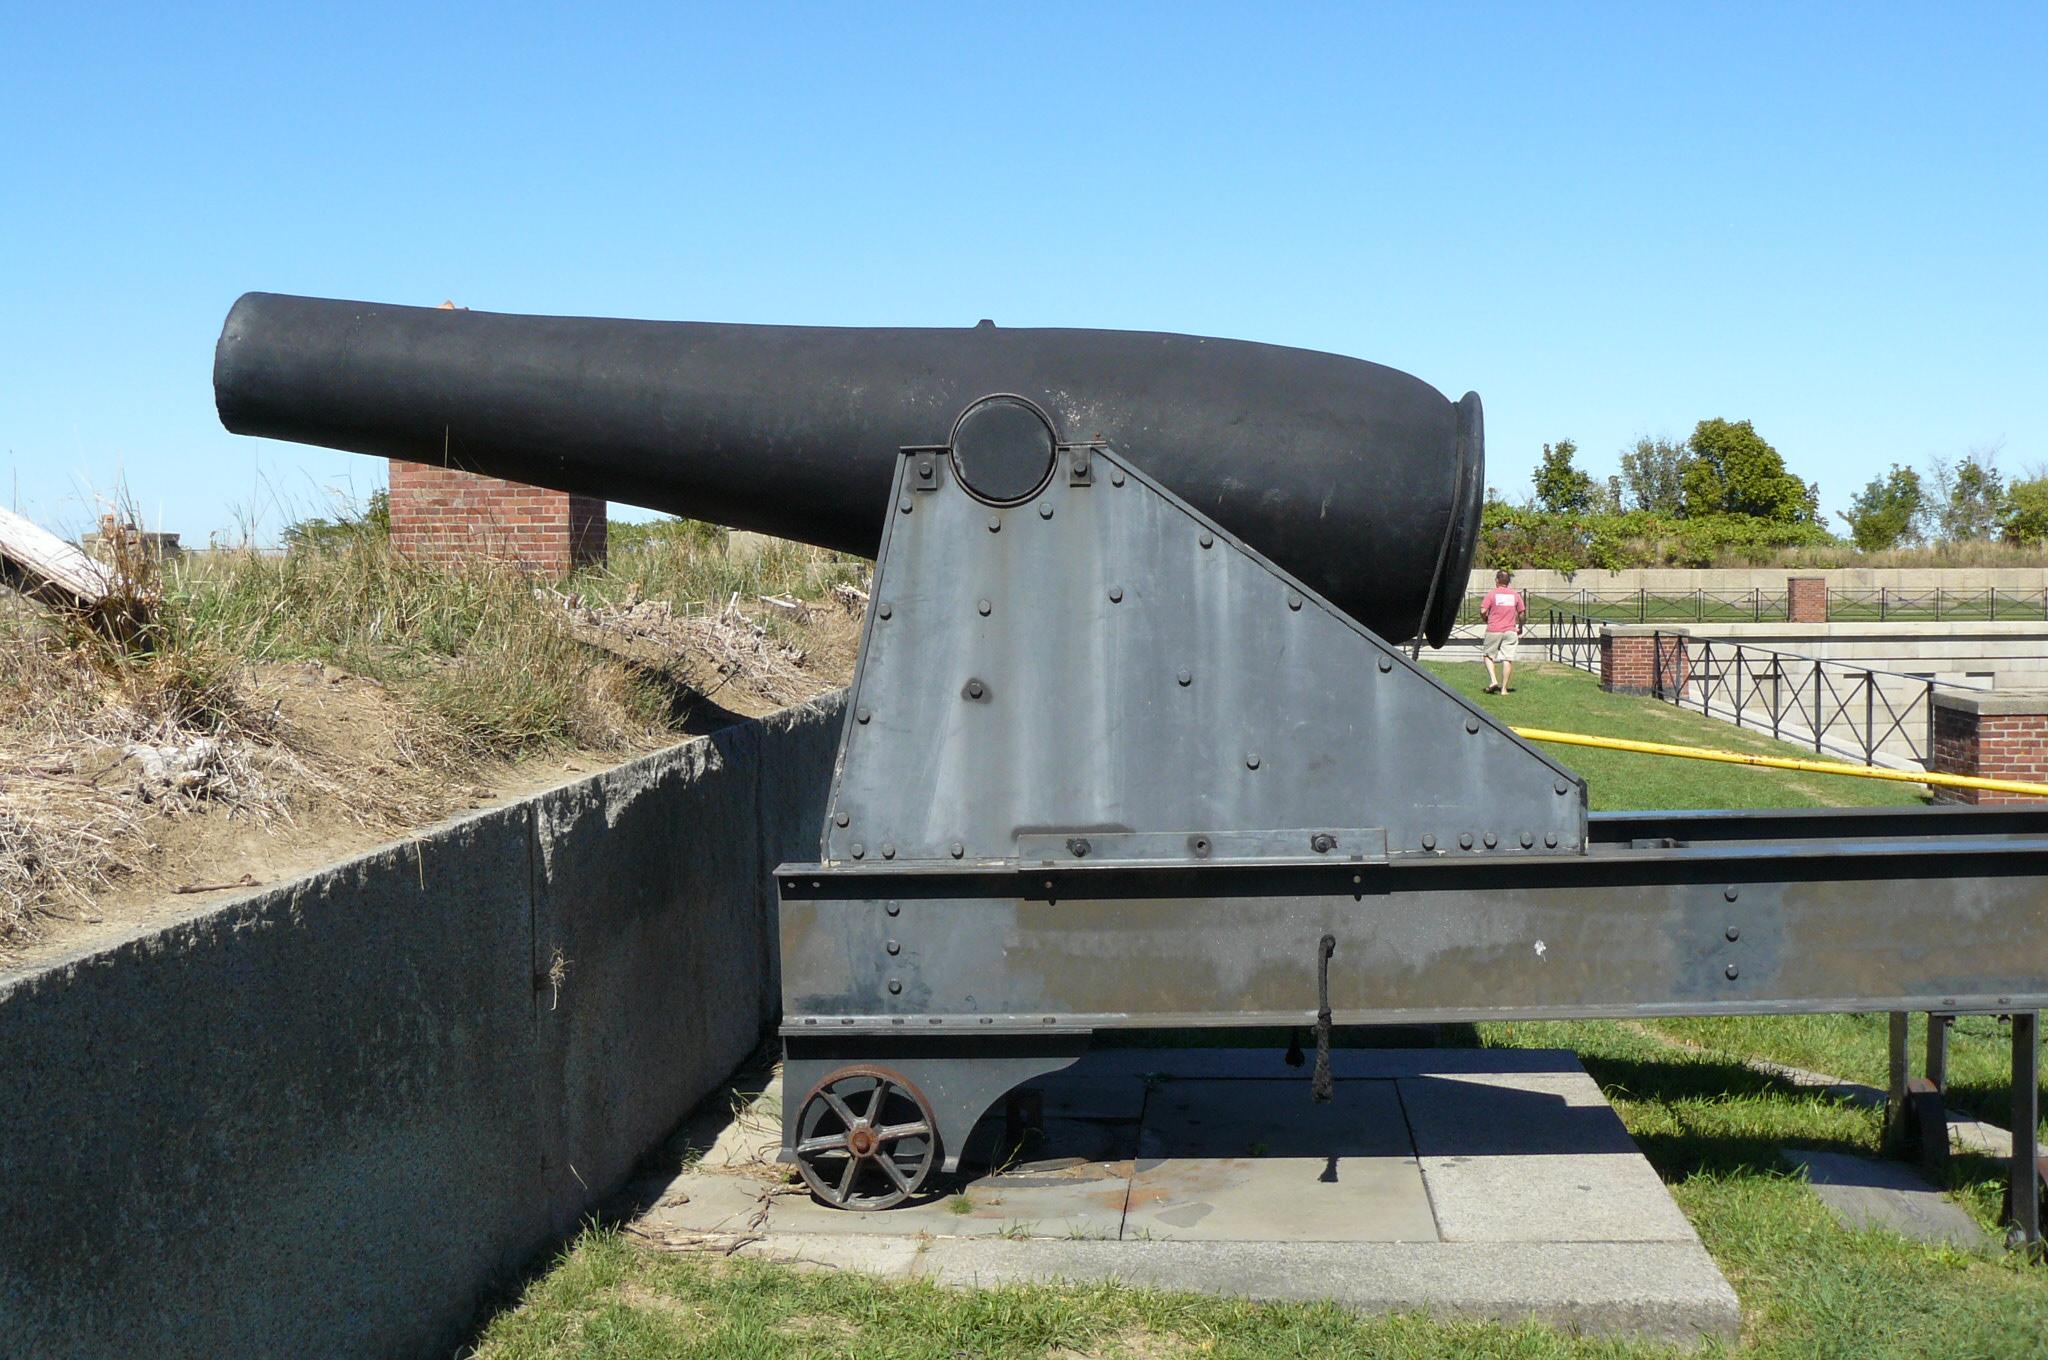 https://upload.wikimedia.org/wikipedia/commons/1/1a/Fort_Warren_Rodman.jpg